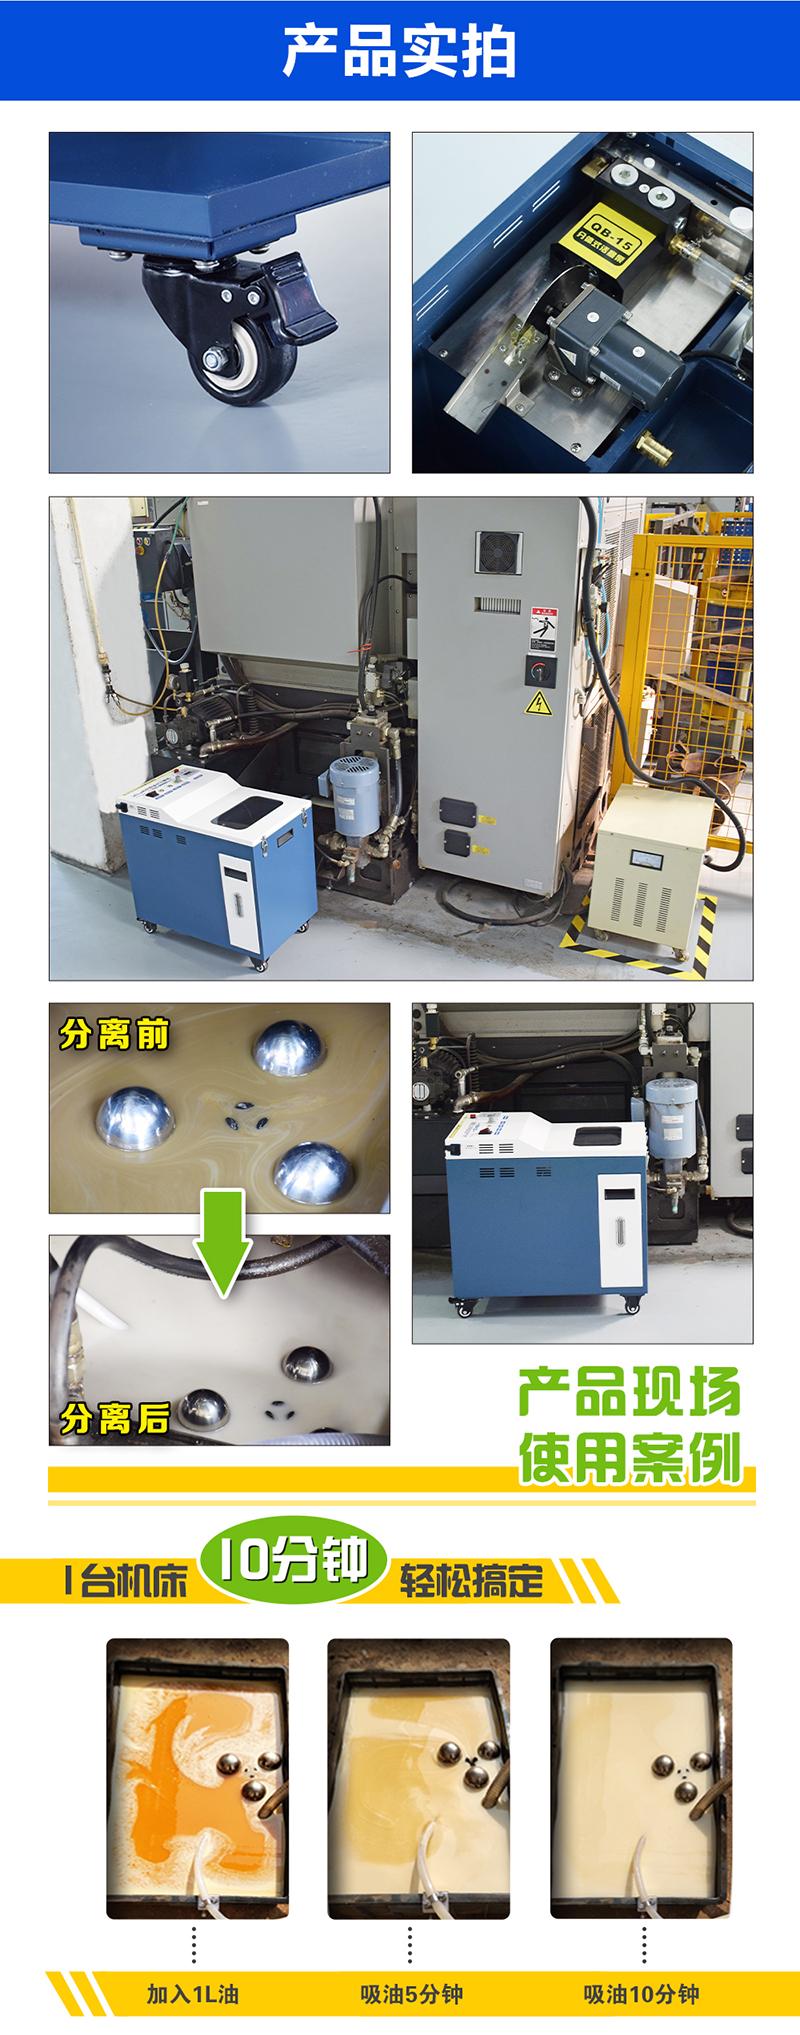 【定稿】CZC-6035A油水分离机详情K1102张晓燕_05.jpg